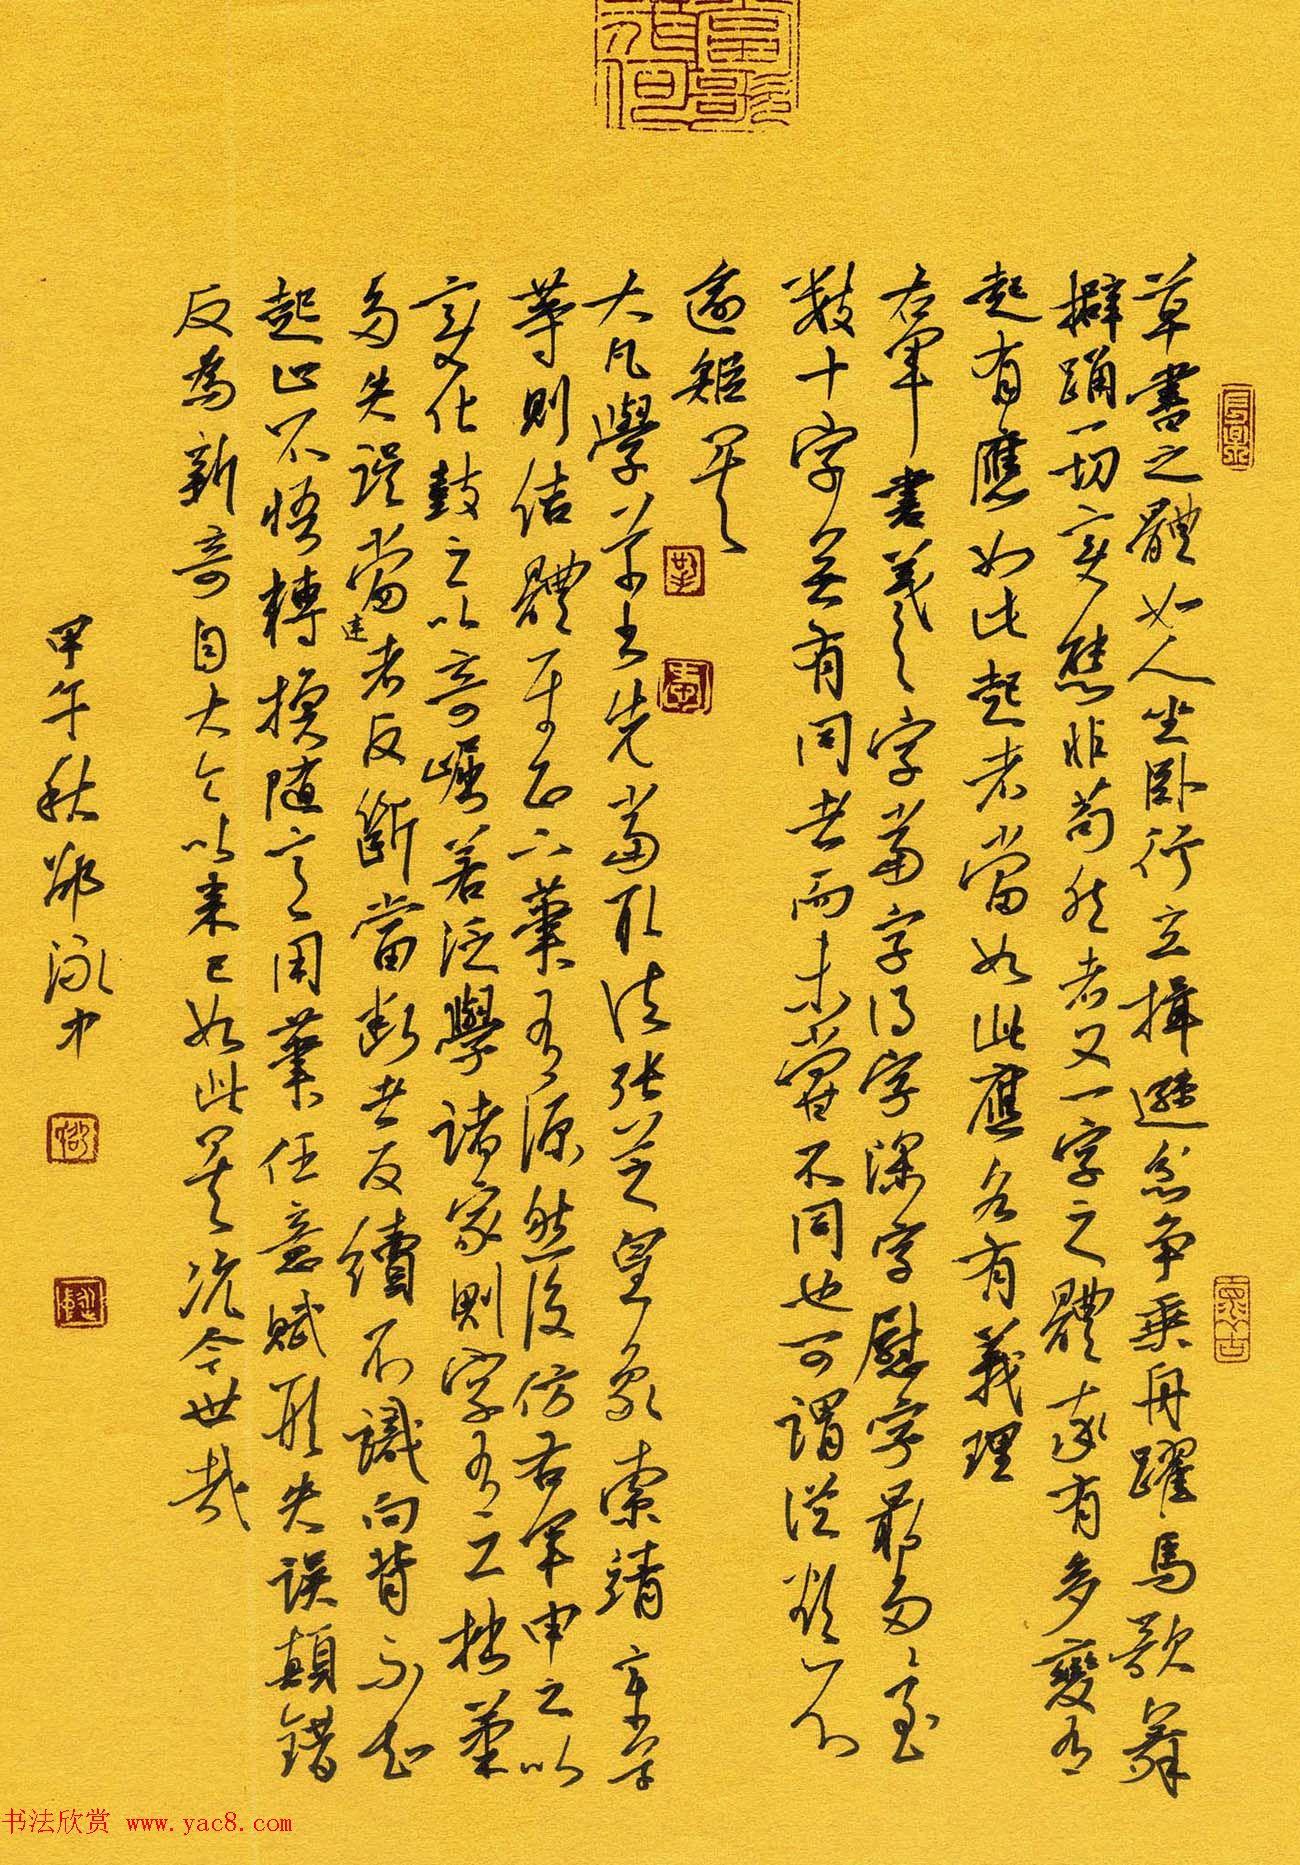 品翰堂杯第一届中国硬笔书法公开赛获奖作品欣赏